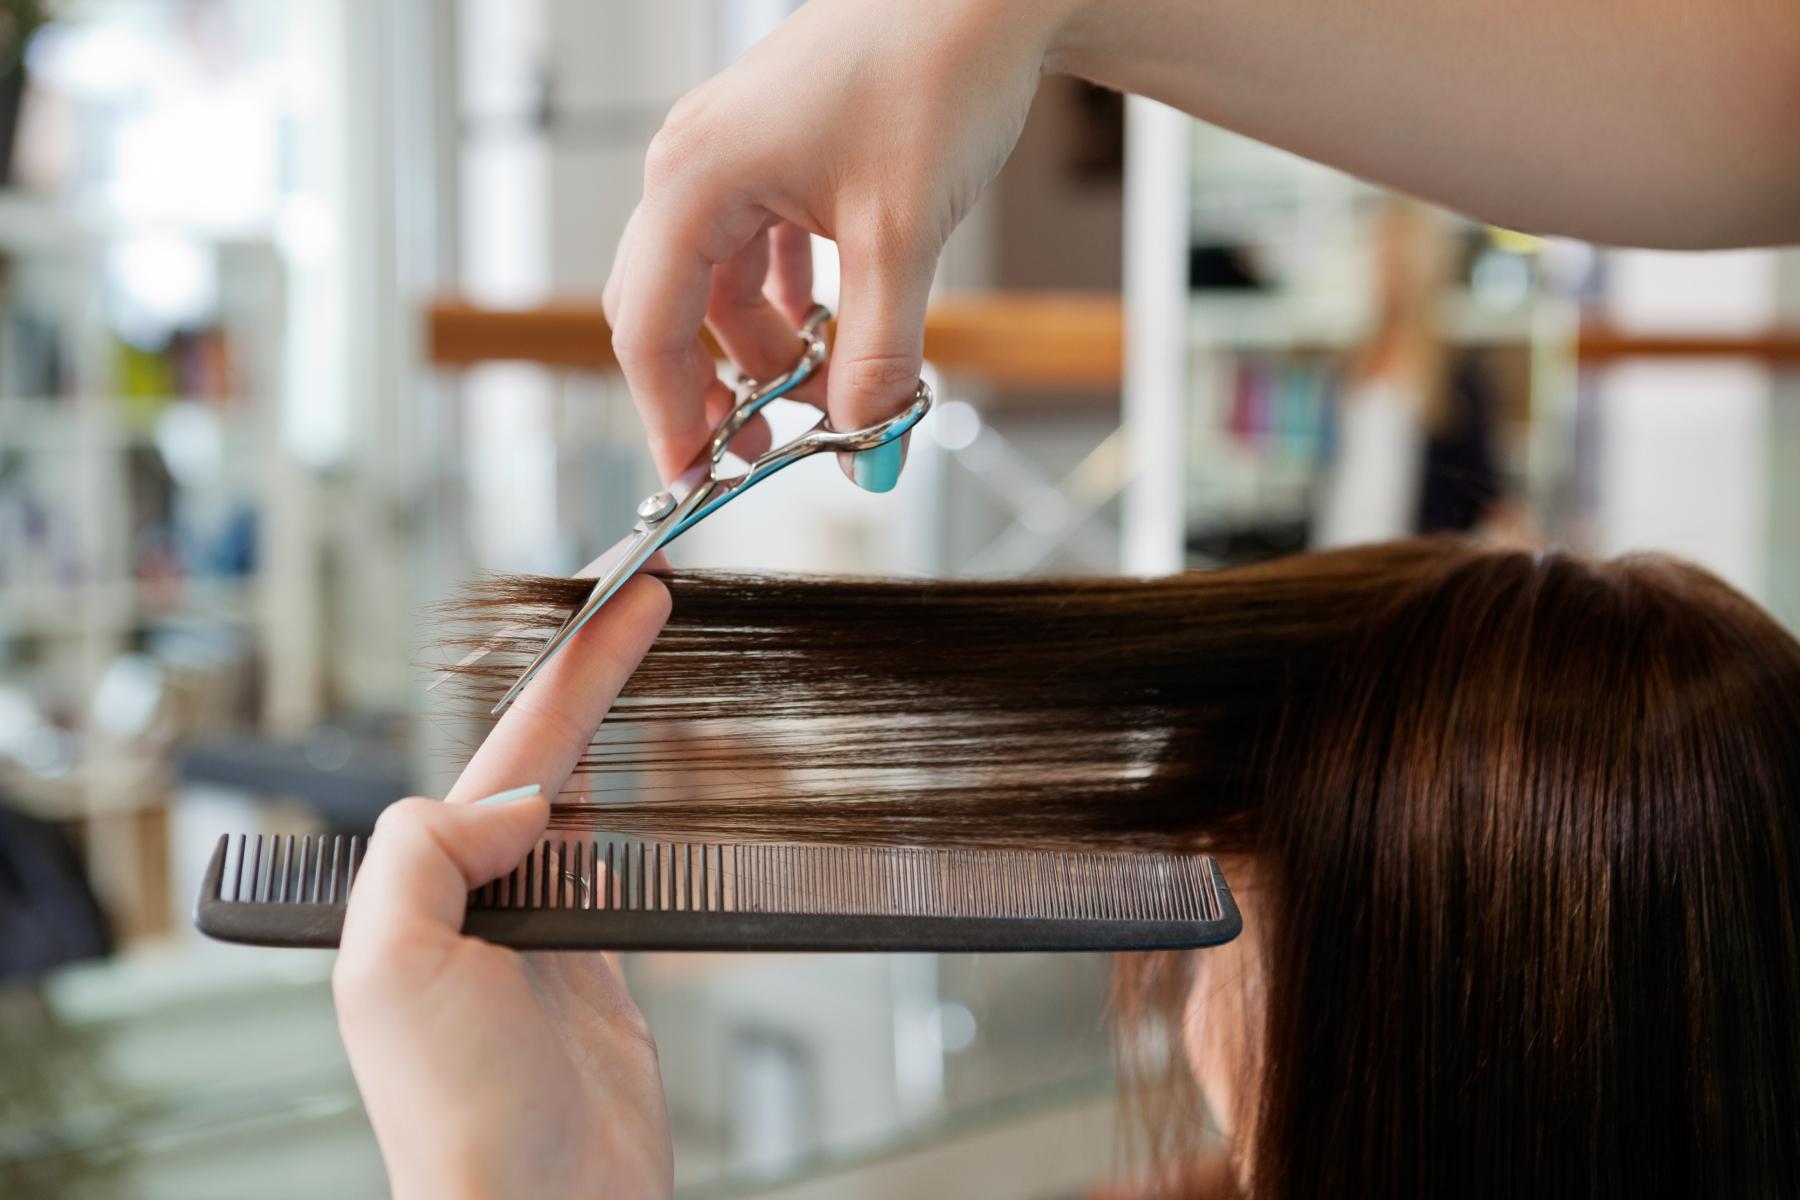 Forskrift om hygienekrav for frisør-, hudpleie-, tatoverings- og hulltakingsvirksomhet m.v. regulerer hvordan denne type virksomhet skal sikre tilfredstillende hygienisk forhold.